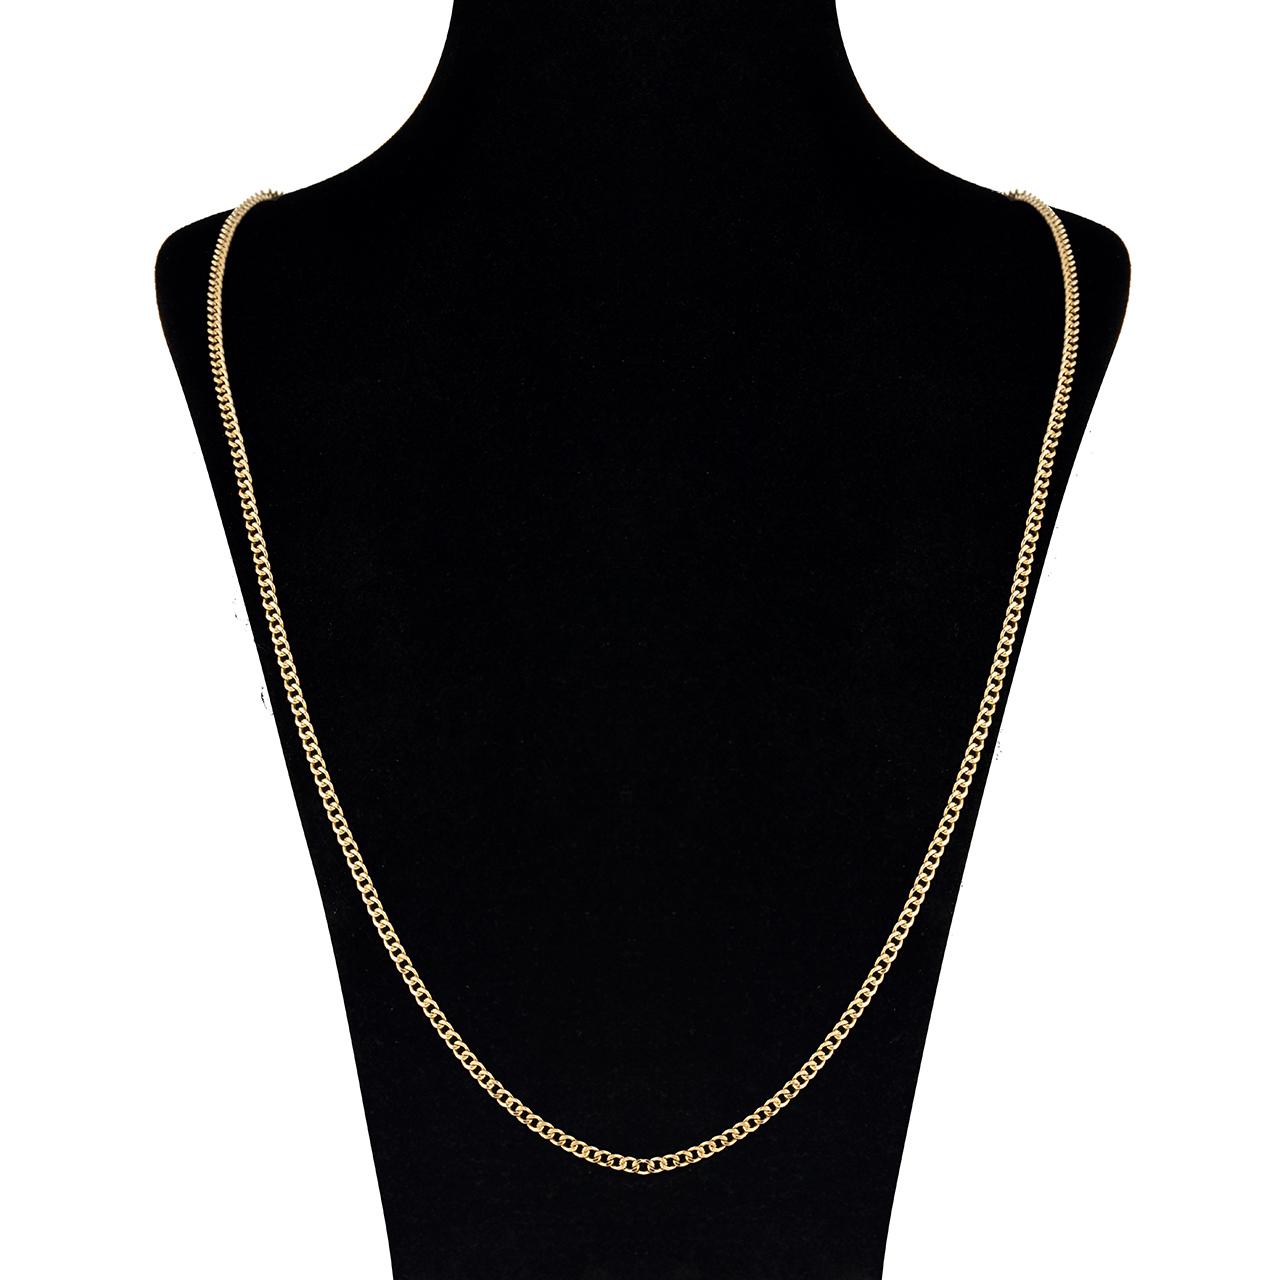 زنجیر طلا 18 عیار گوی گالری مدل G63